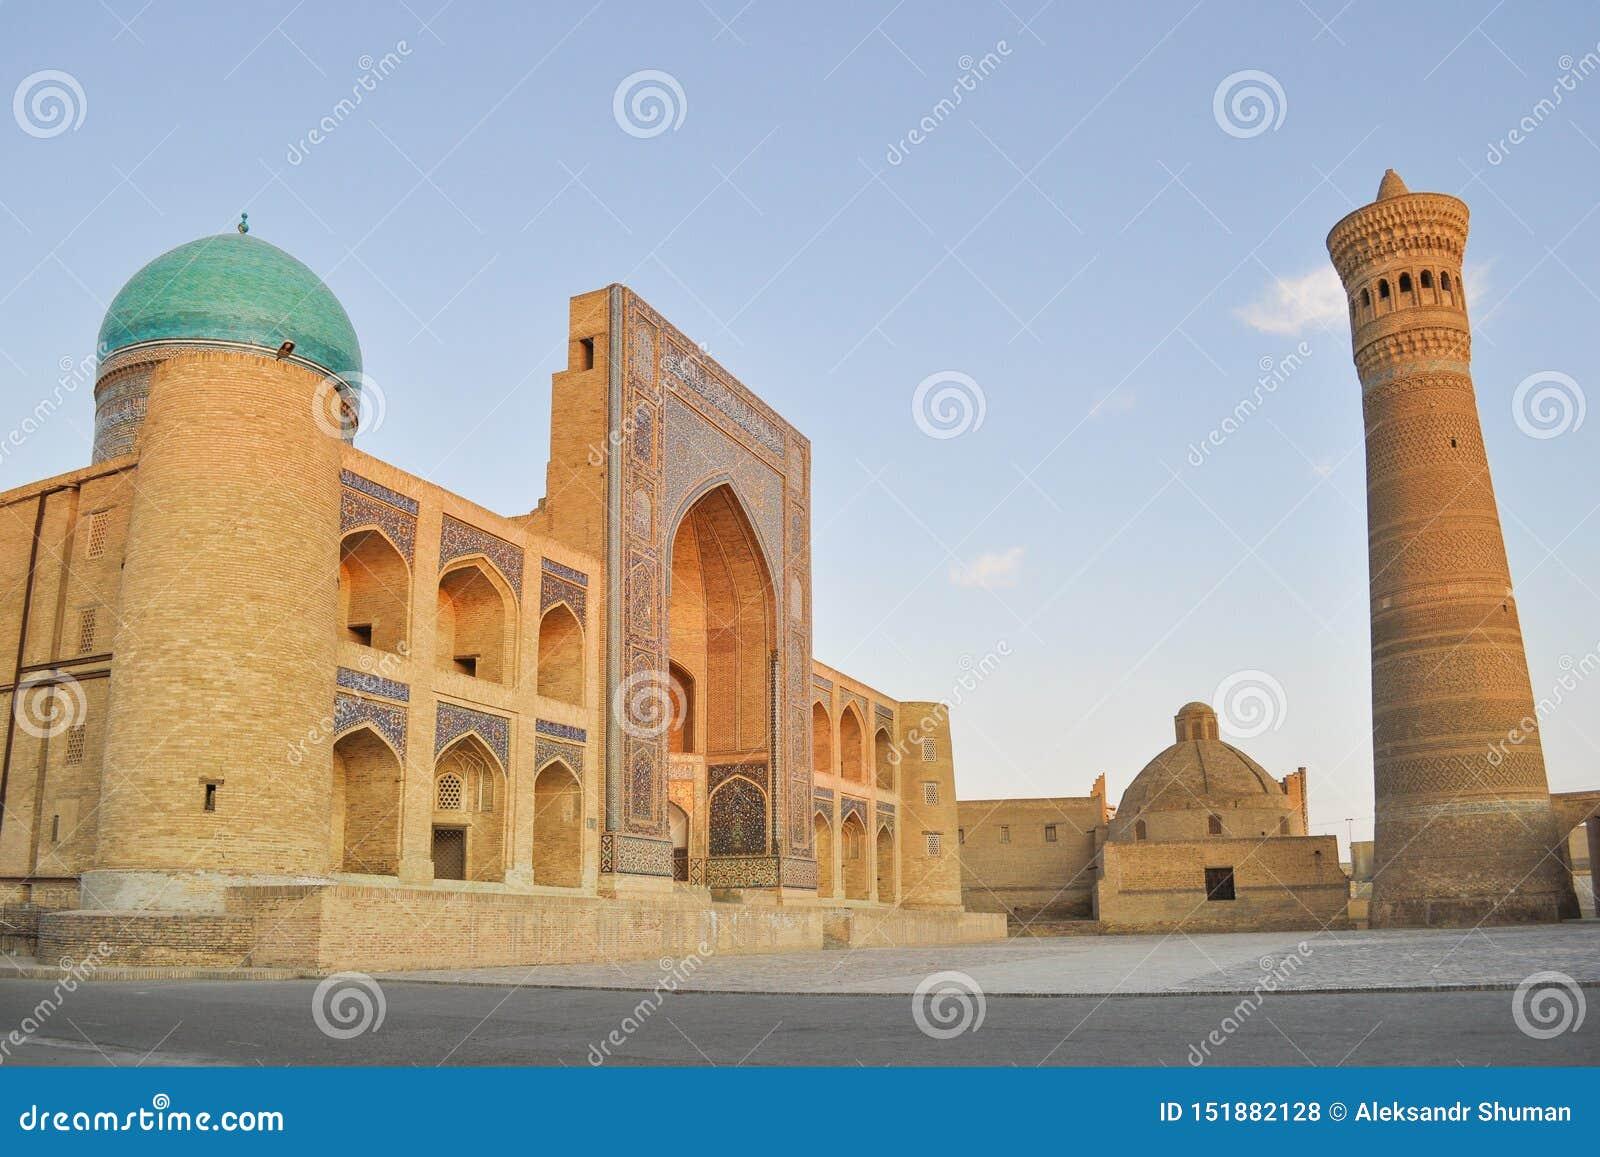 Мечеть Poi Kalyan расположена в исторической части Бухары